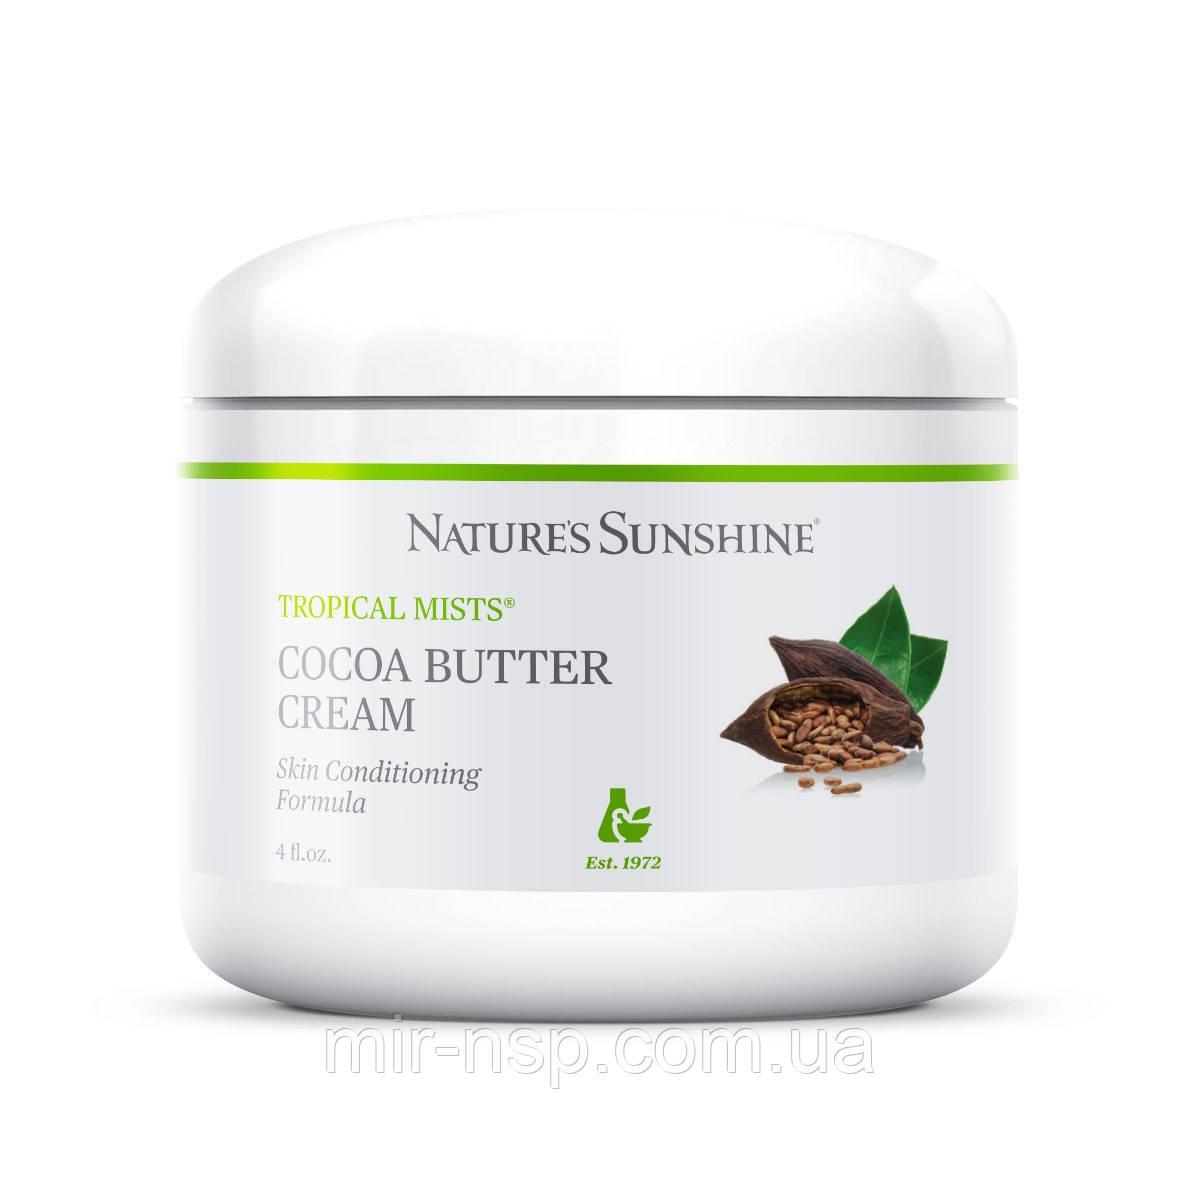 Крем с маслом какао (Cocoa Butter Creme) NSP